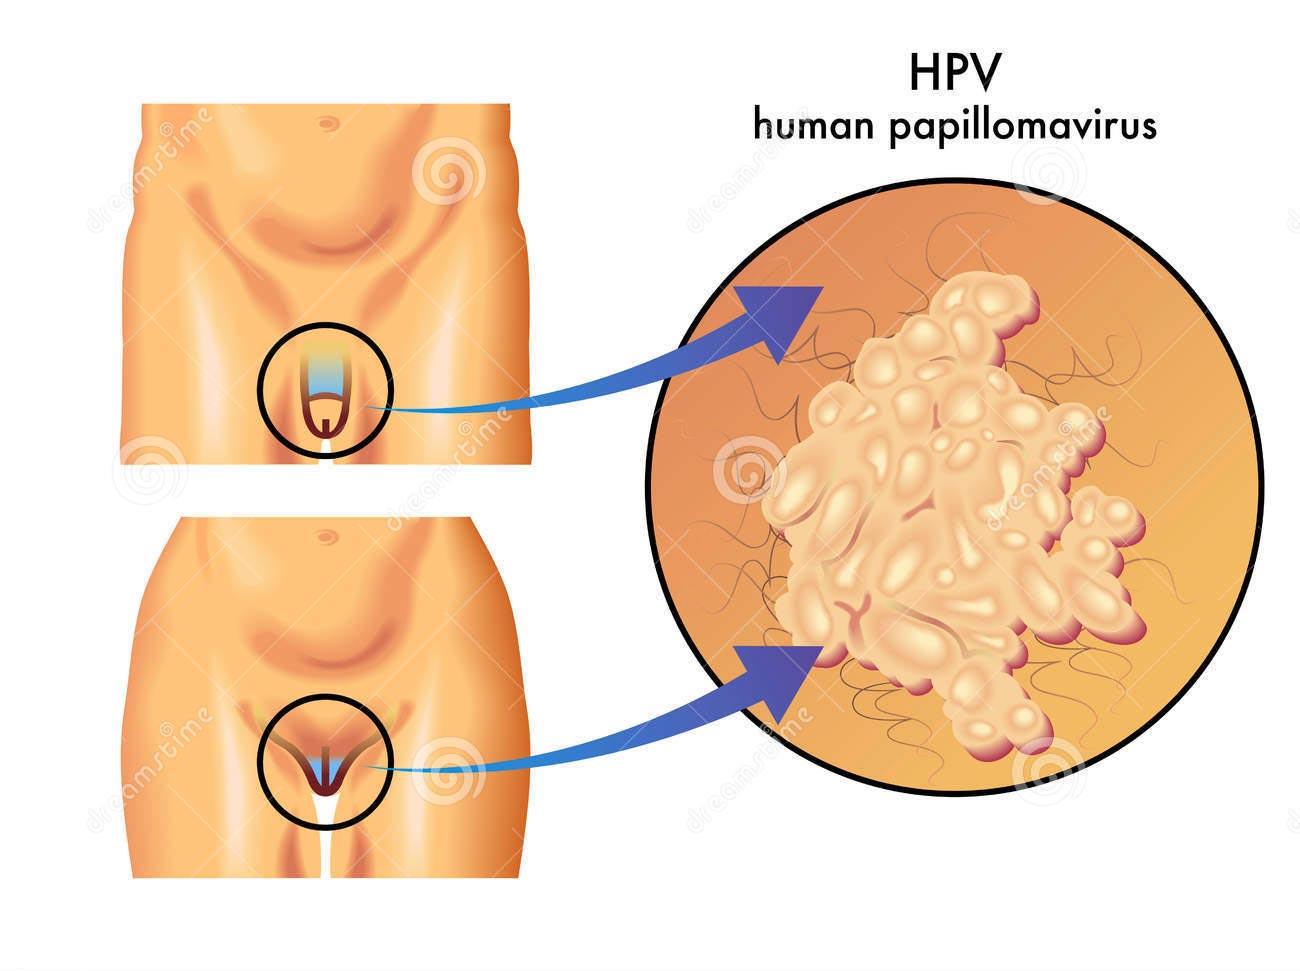 Hpv uomo rischi - Papilloma virus uomo glande. Facilitati de tratament